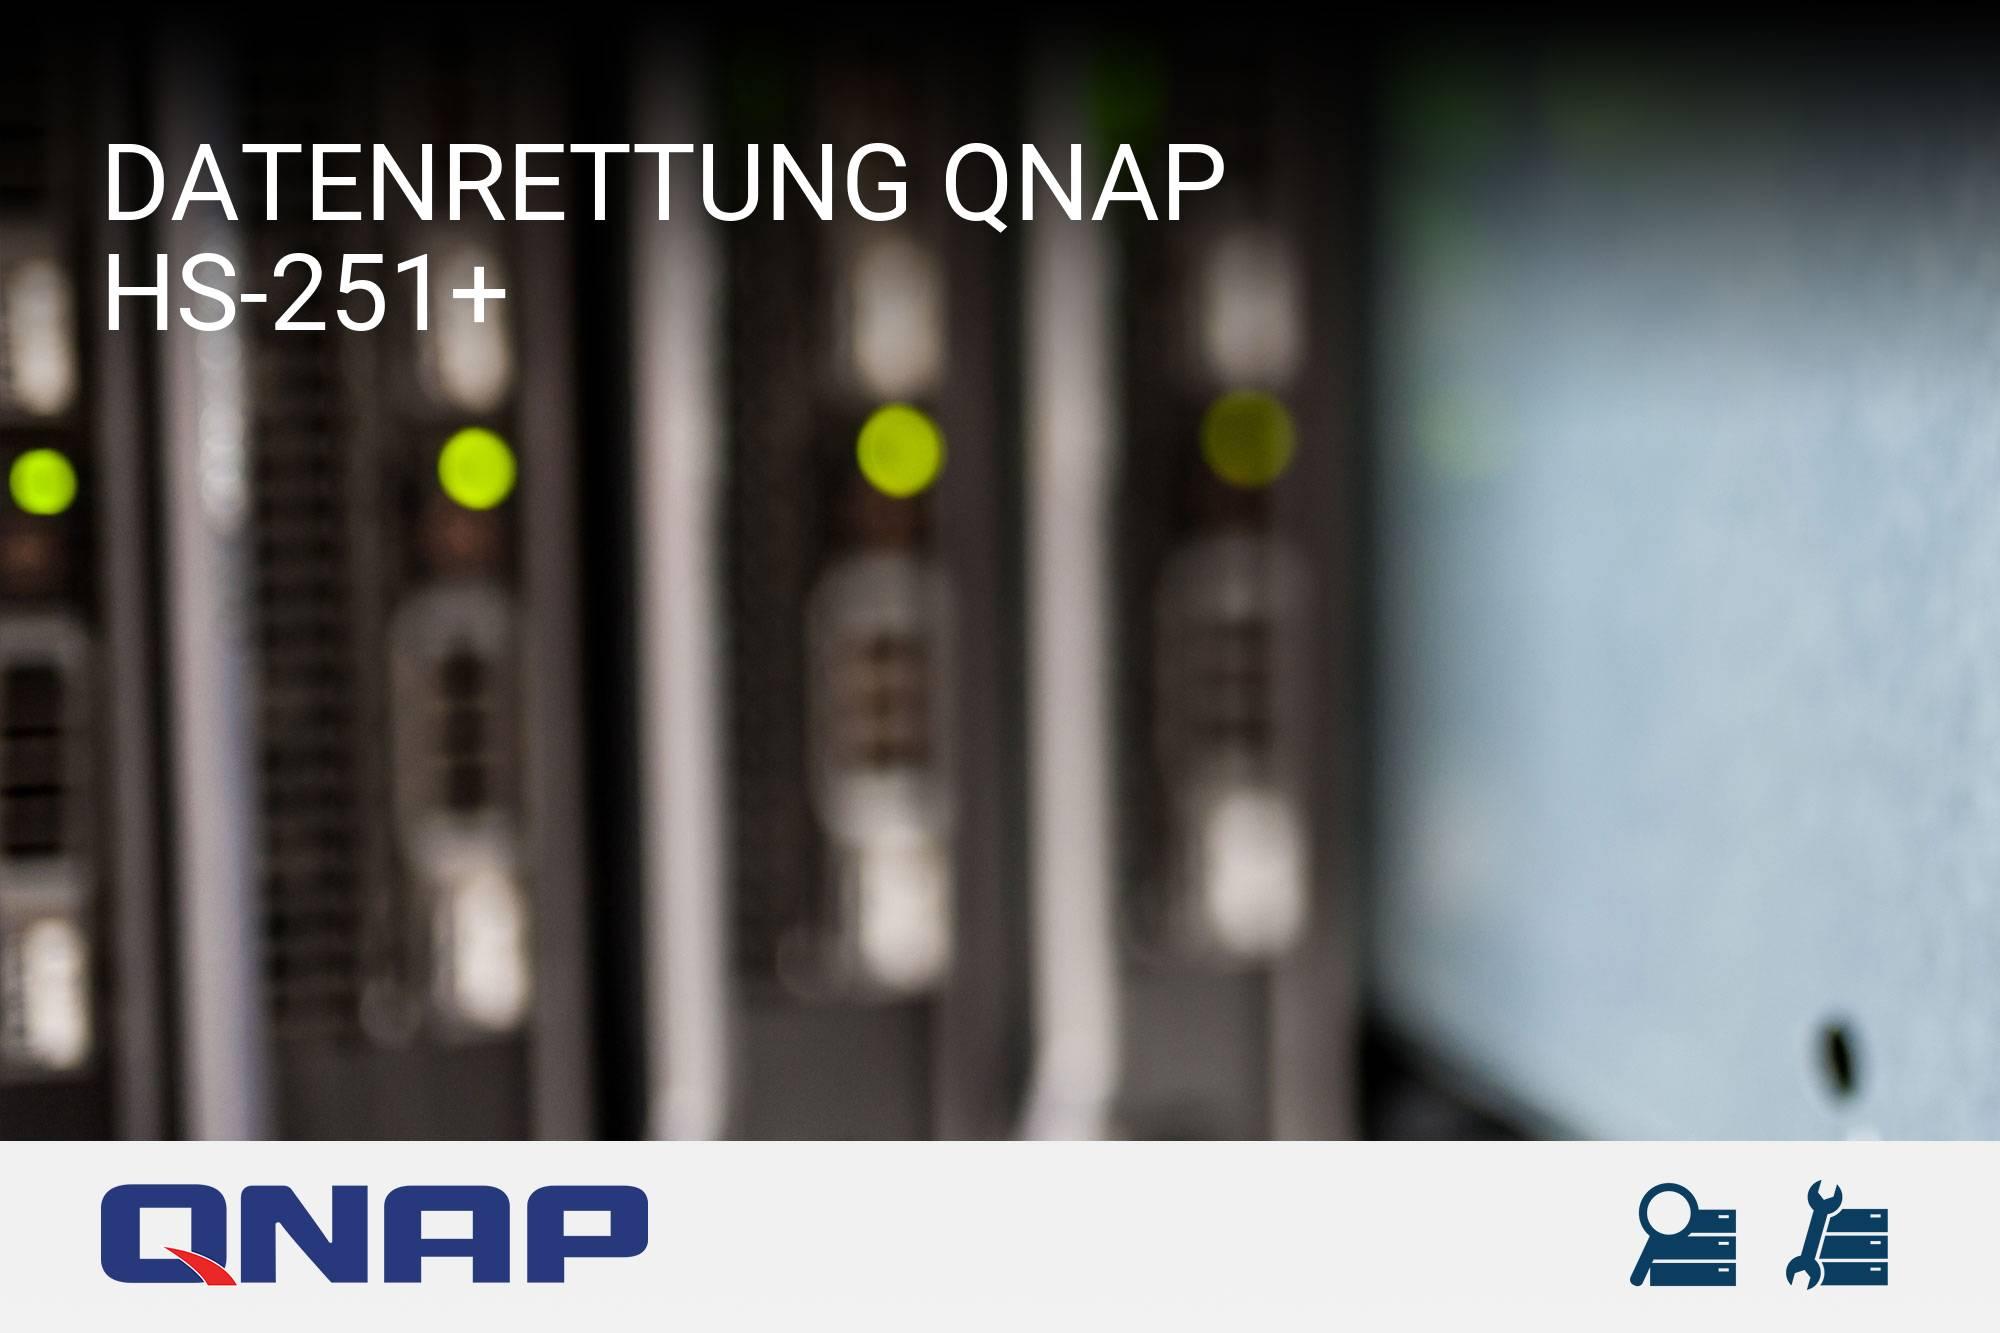 QNAP HS-251+